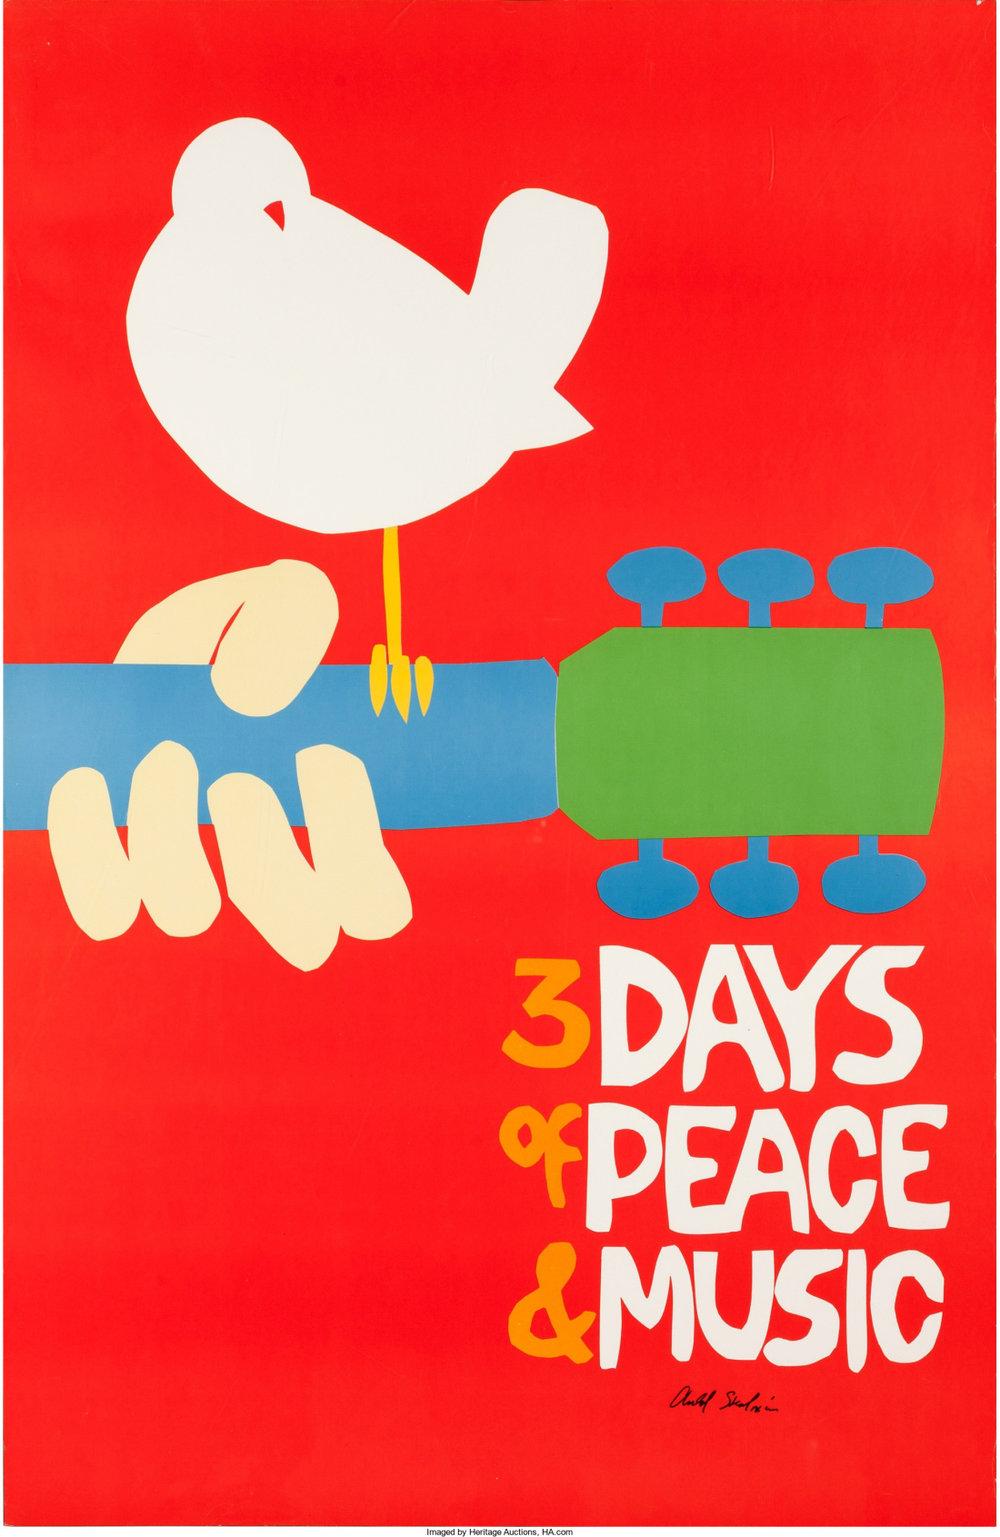 woodstock-festival-poster-signed-by-artist-arnold-skolnik-1969_edited.jpg